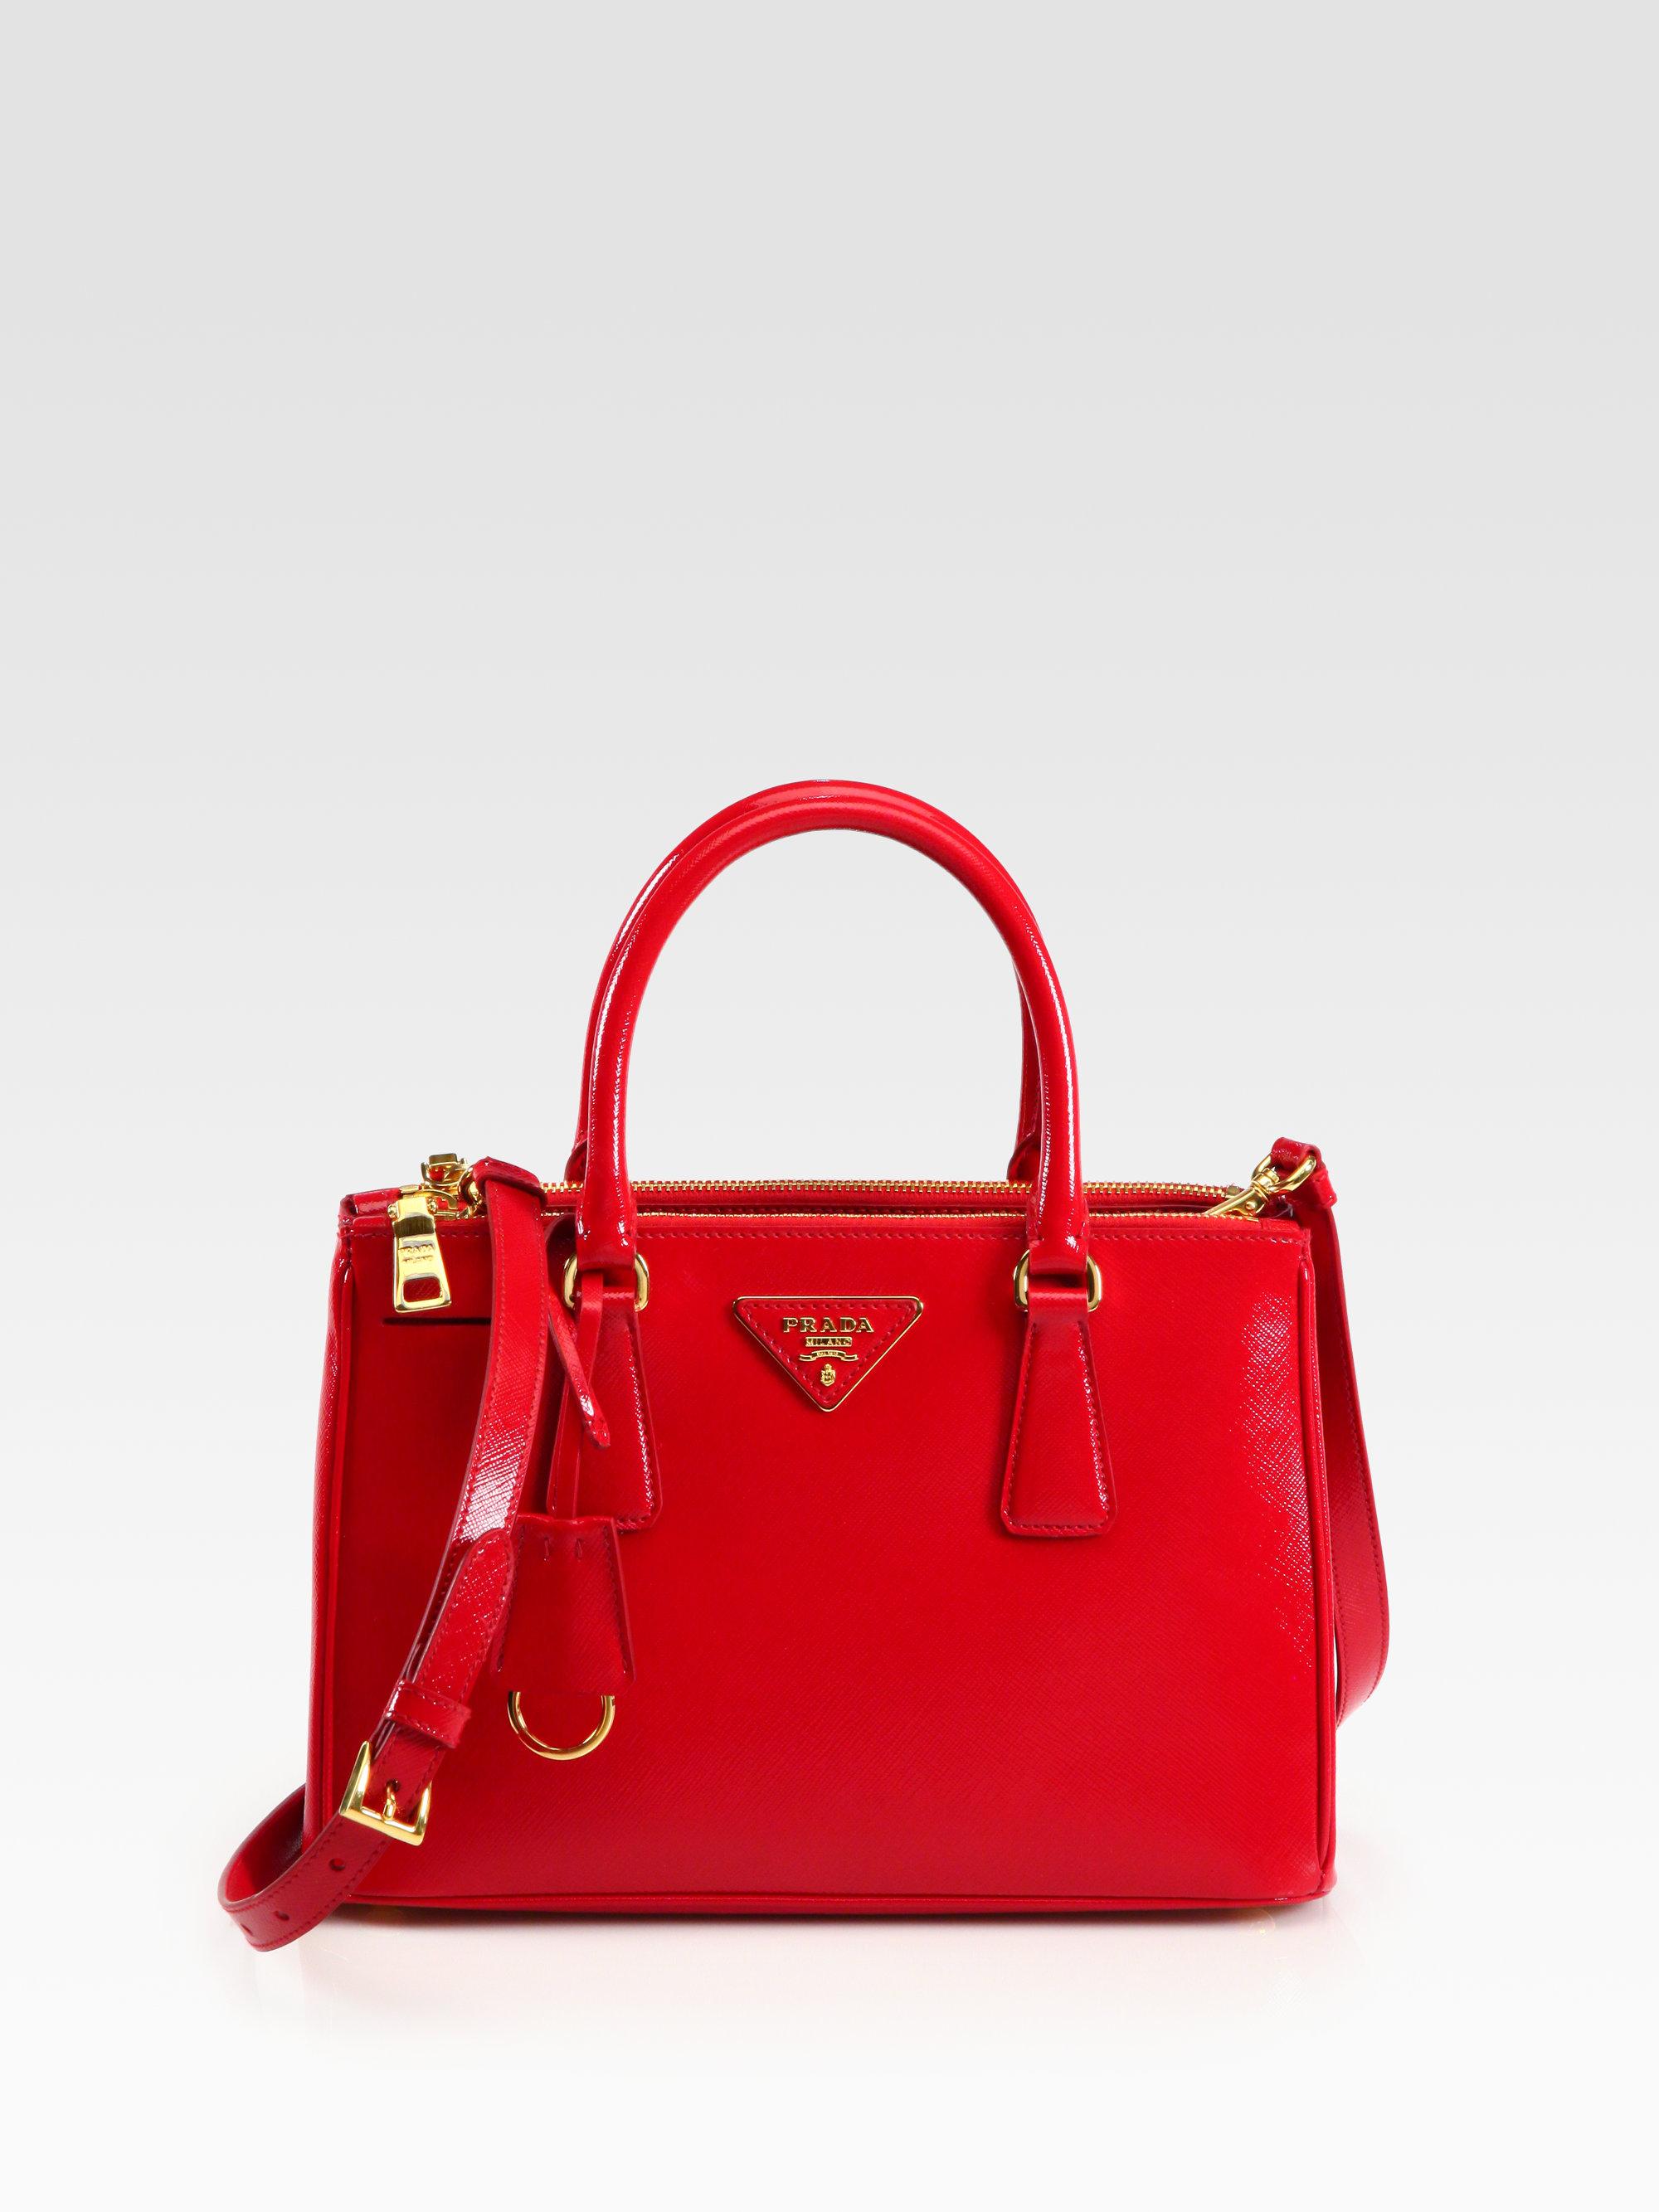 c56735b48af1 ... purchase prada saffiano vernice tote in red lyst 9ba33 e3e9e